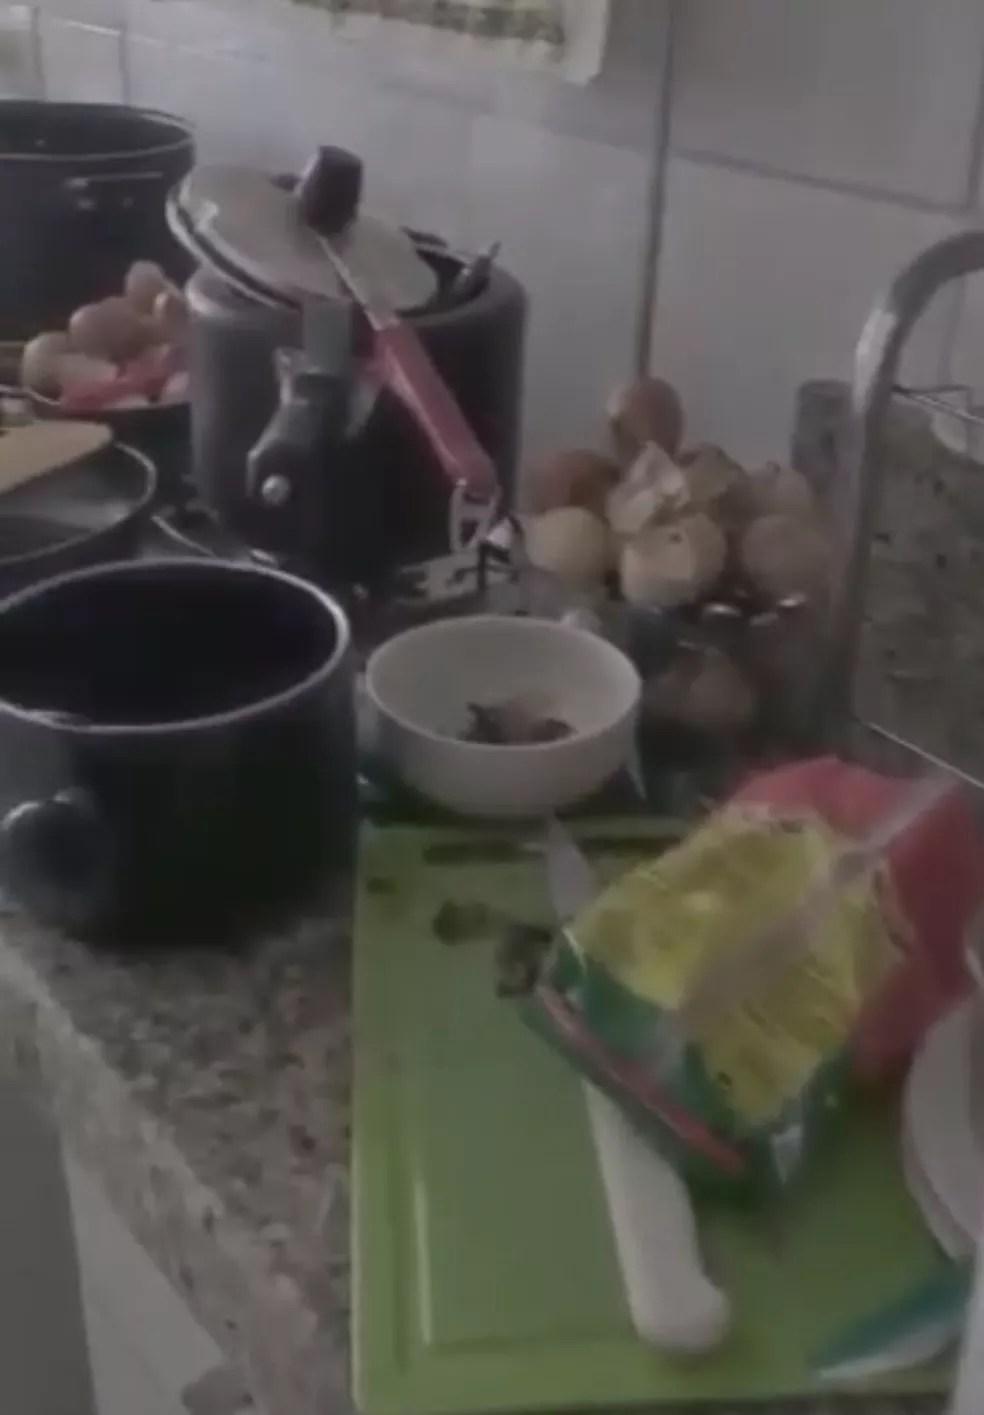 Casa de idosa vítima de maus-tratos cometidos pelo próprio filho, no Sudoeste, em Brasília — Foto: PCDF/Divulgação